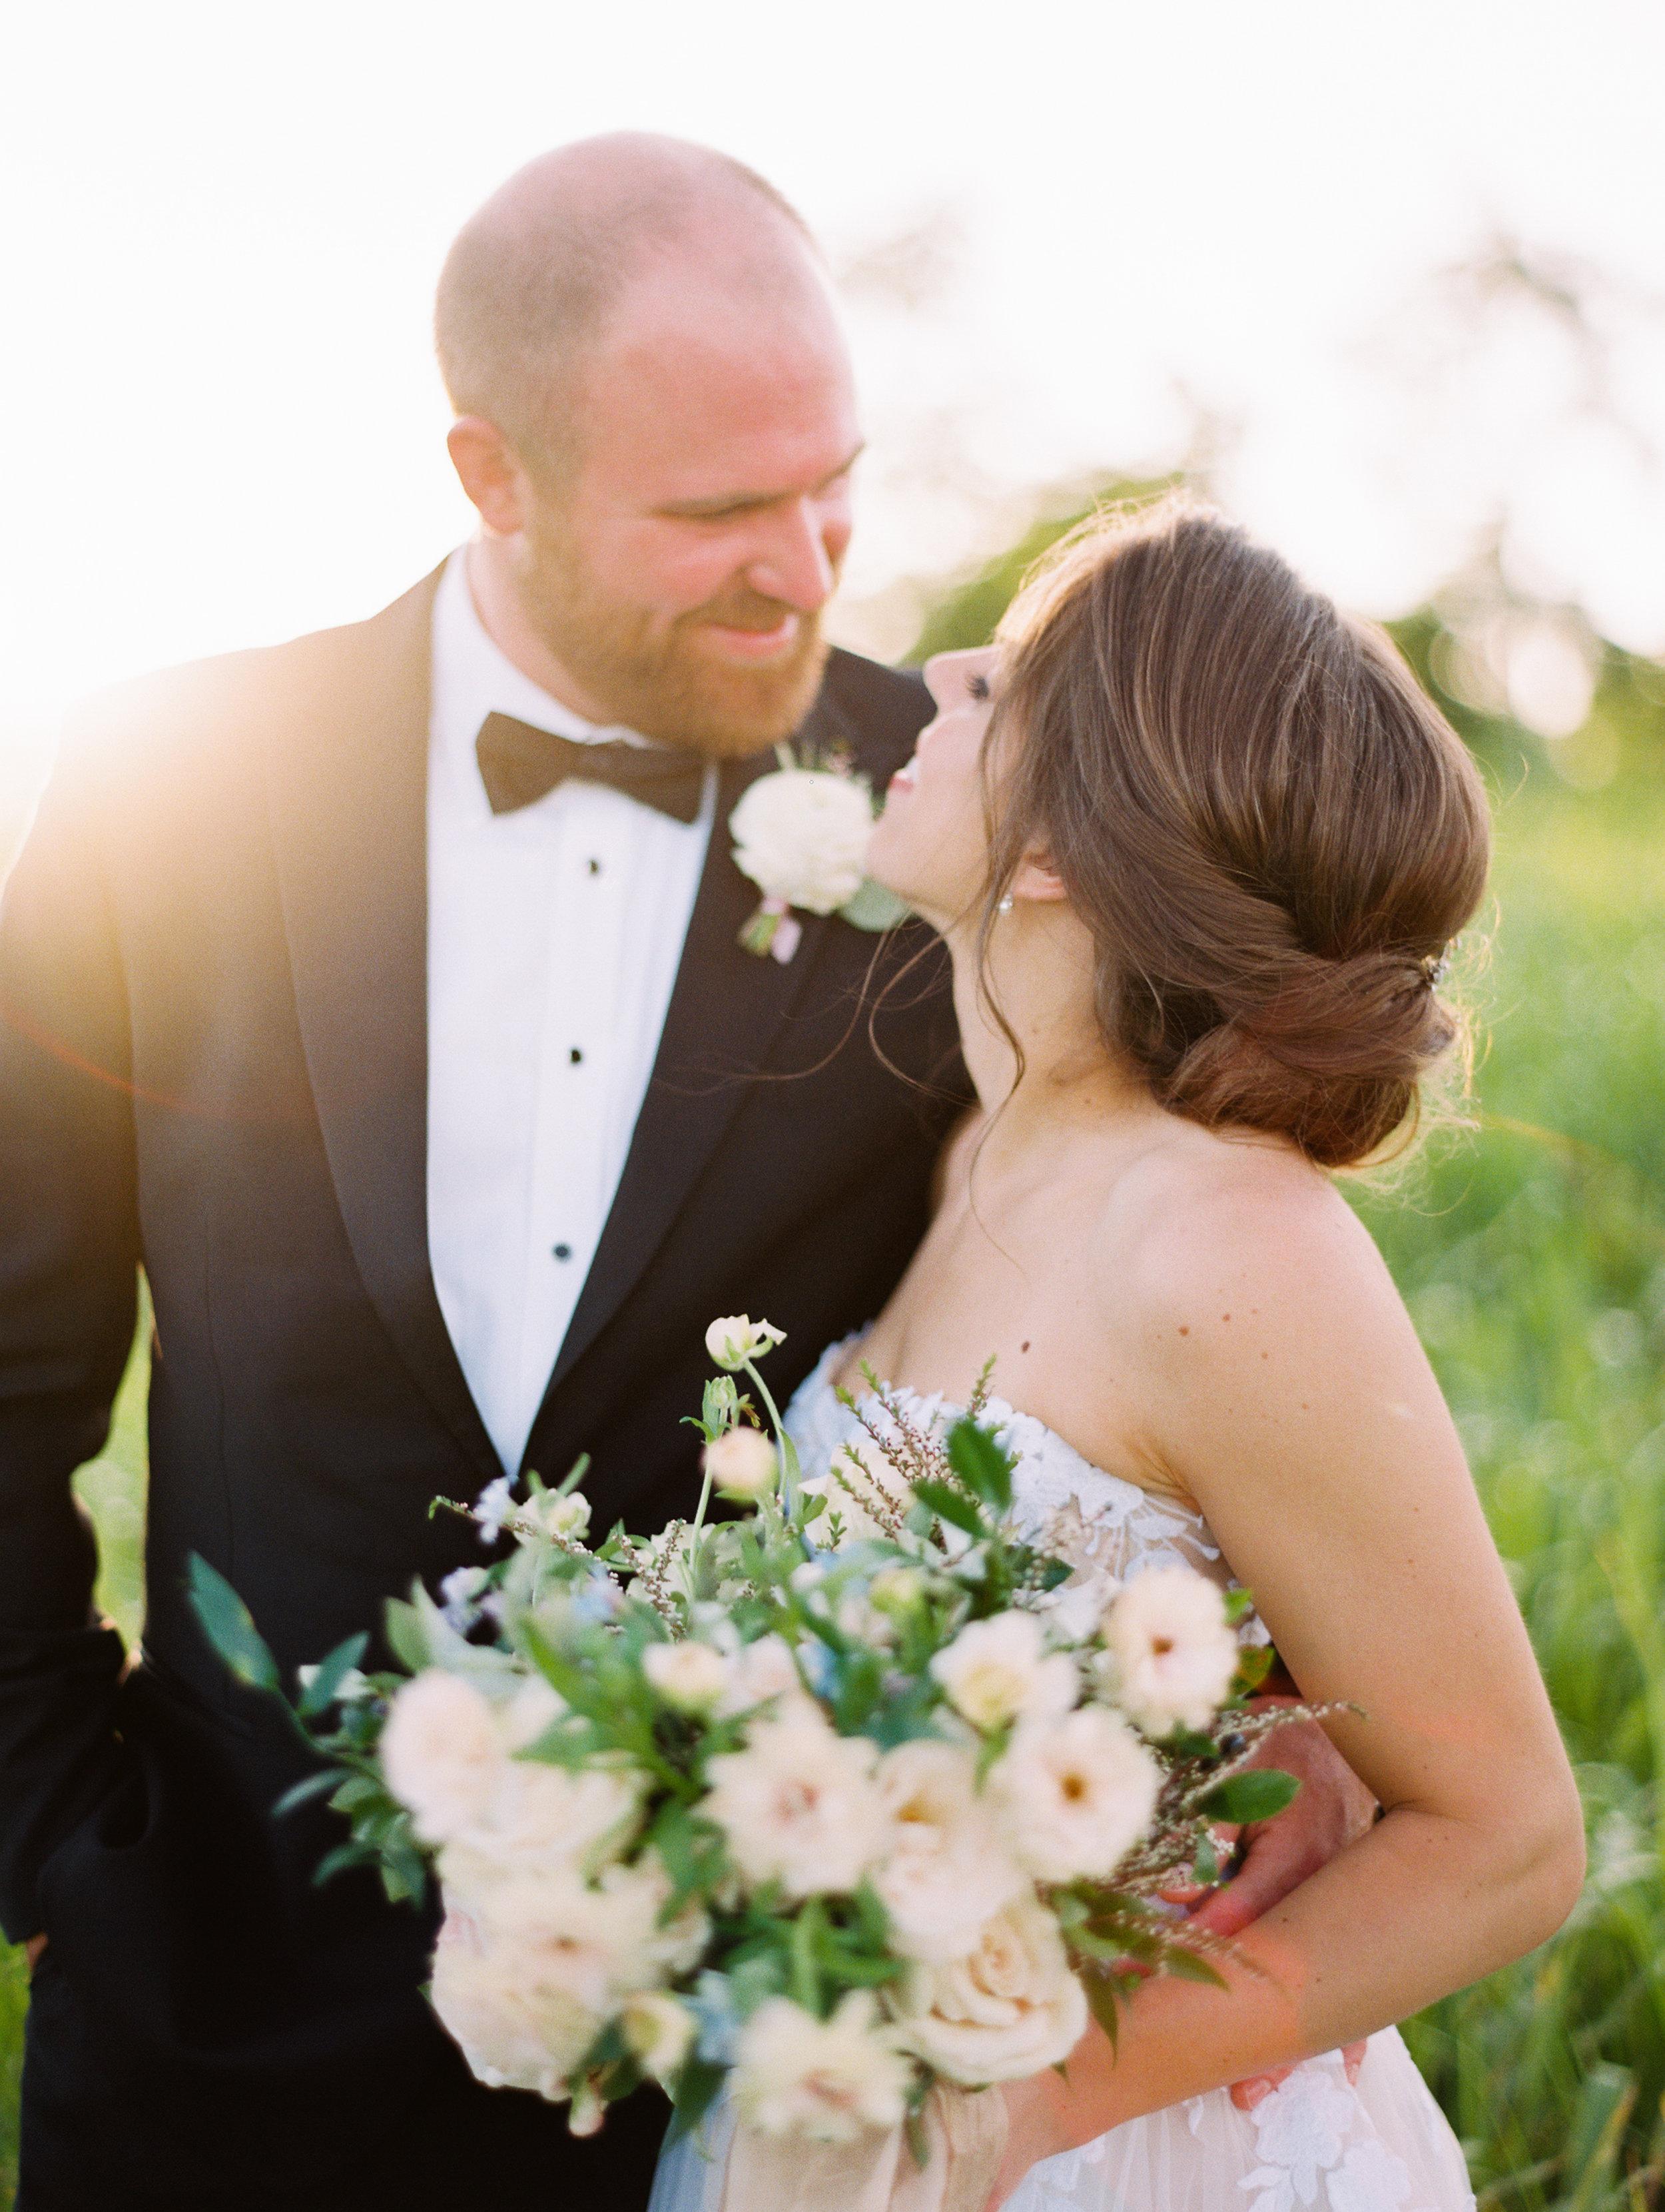 Steinlage+Wedding+Reception+Bride+Groom-40.jpg